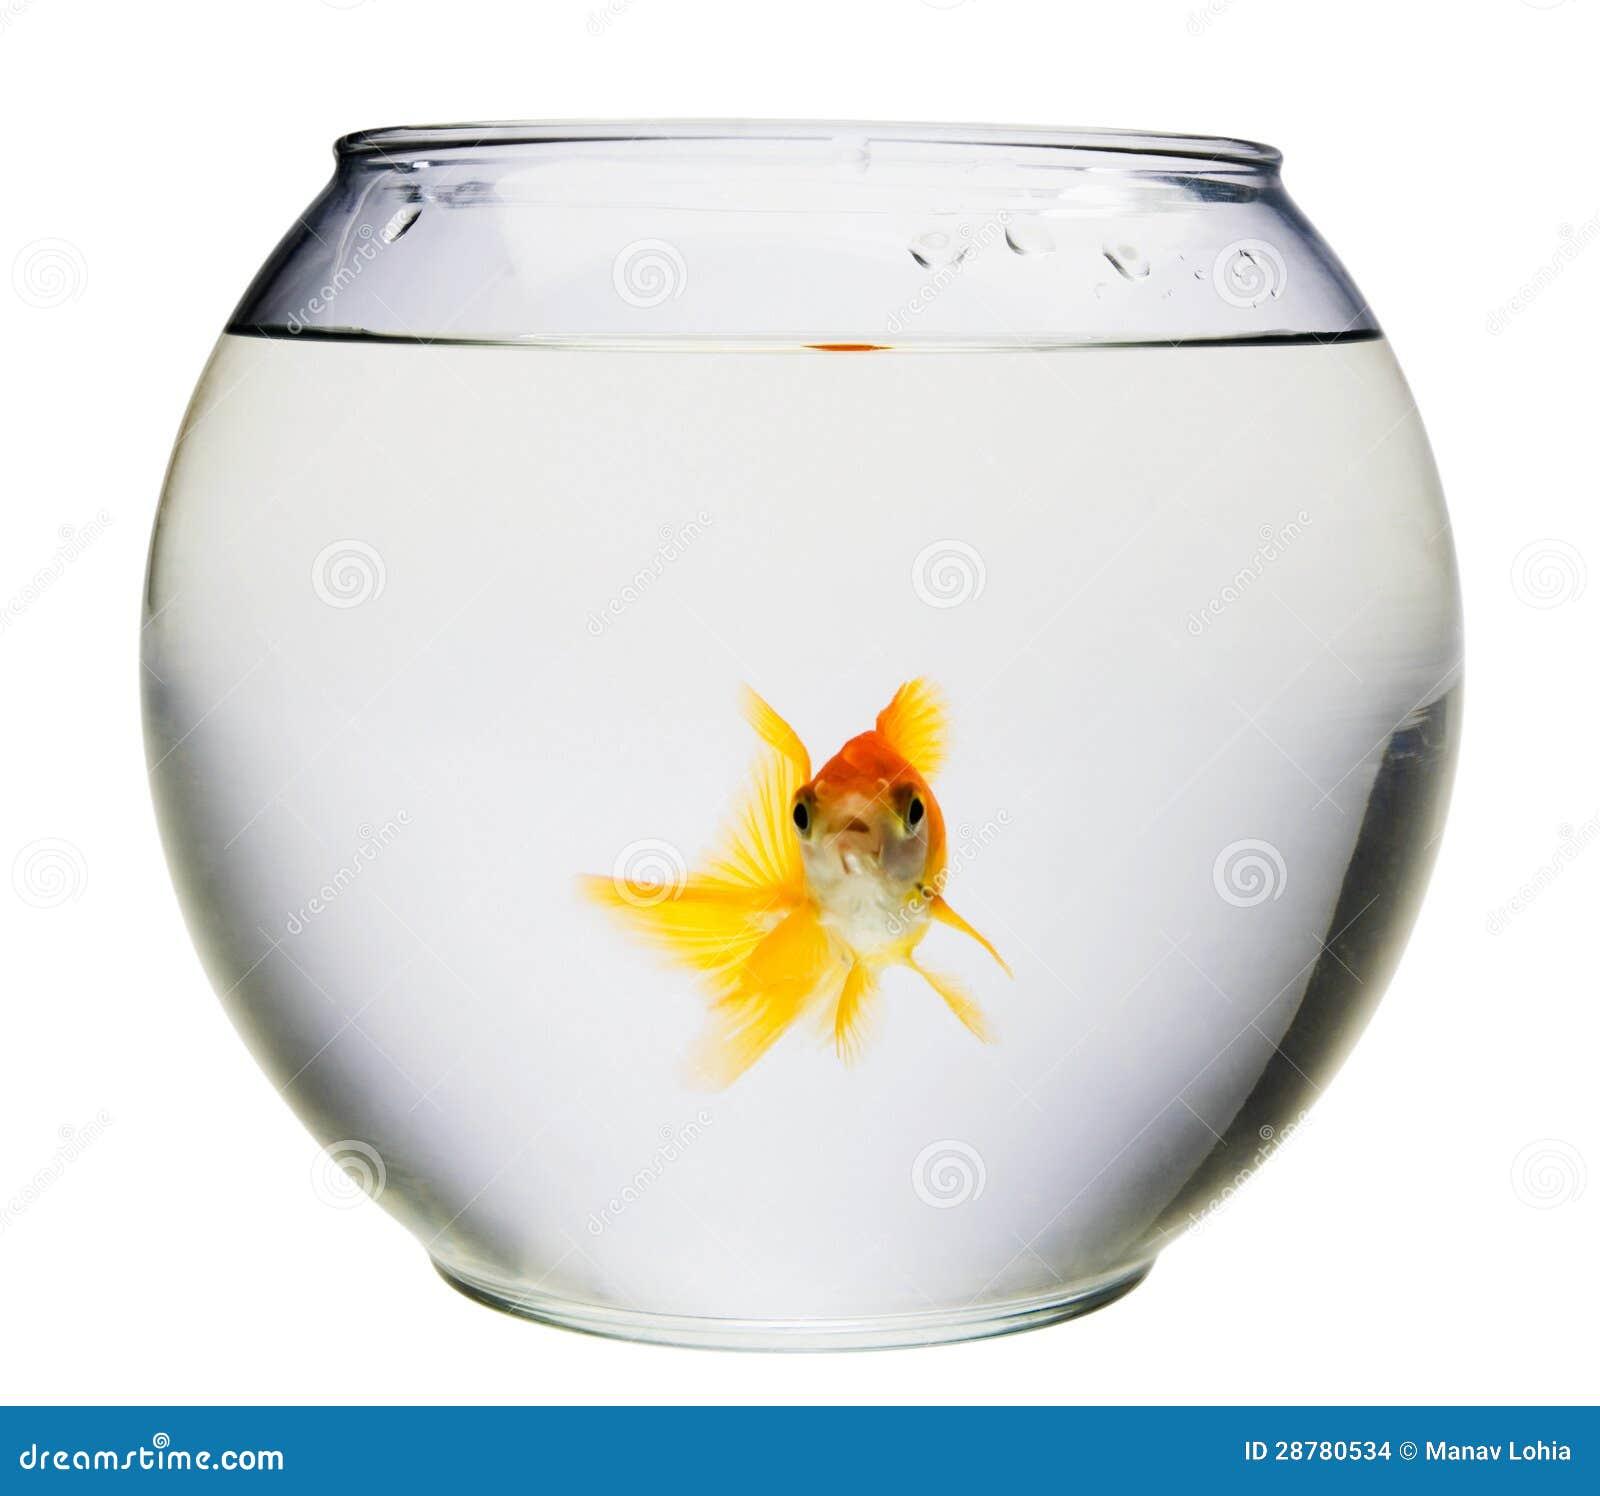 Aqu rio com peixe dourado imagens de stock imagem 28780534 for Bocal a poisson design